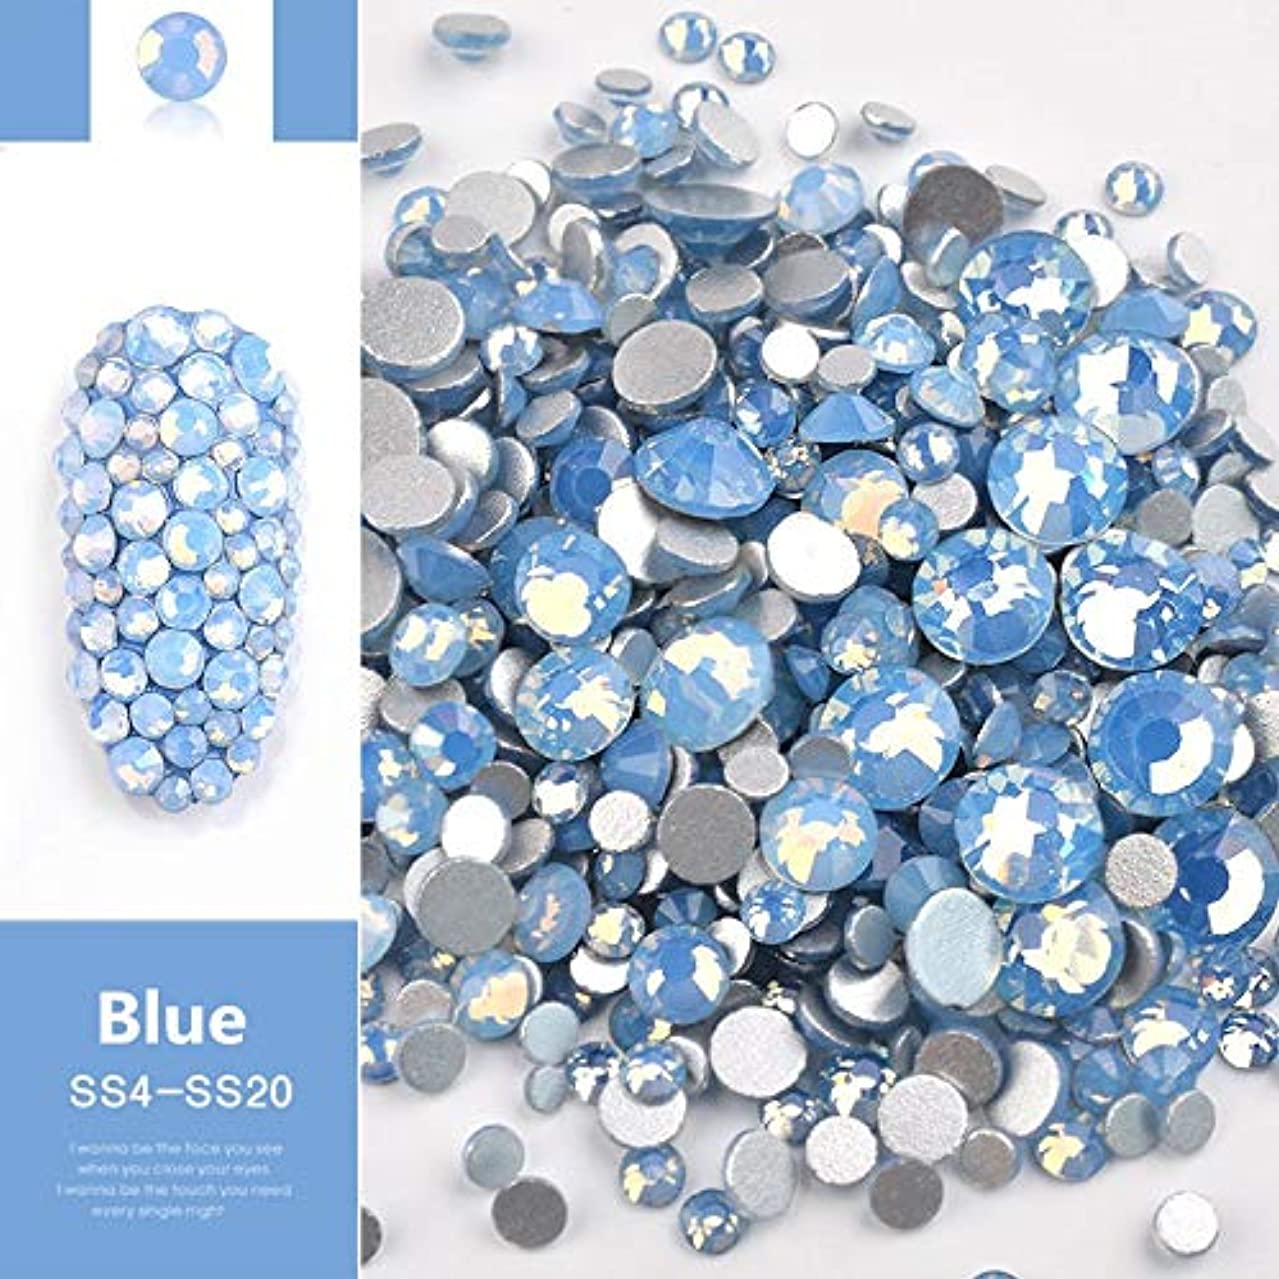 絶対のスポーツの試合を担当している人野ウサギOWNFSKNL ビーズ樹脂クリスタルラウンドネイルアートミックスフラットバックアクリルラインストーンミックスサイズ1.5-4.5 mm装飾用ネイル (Color : Blue)